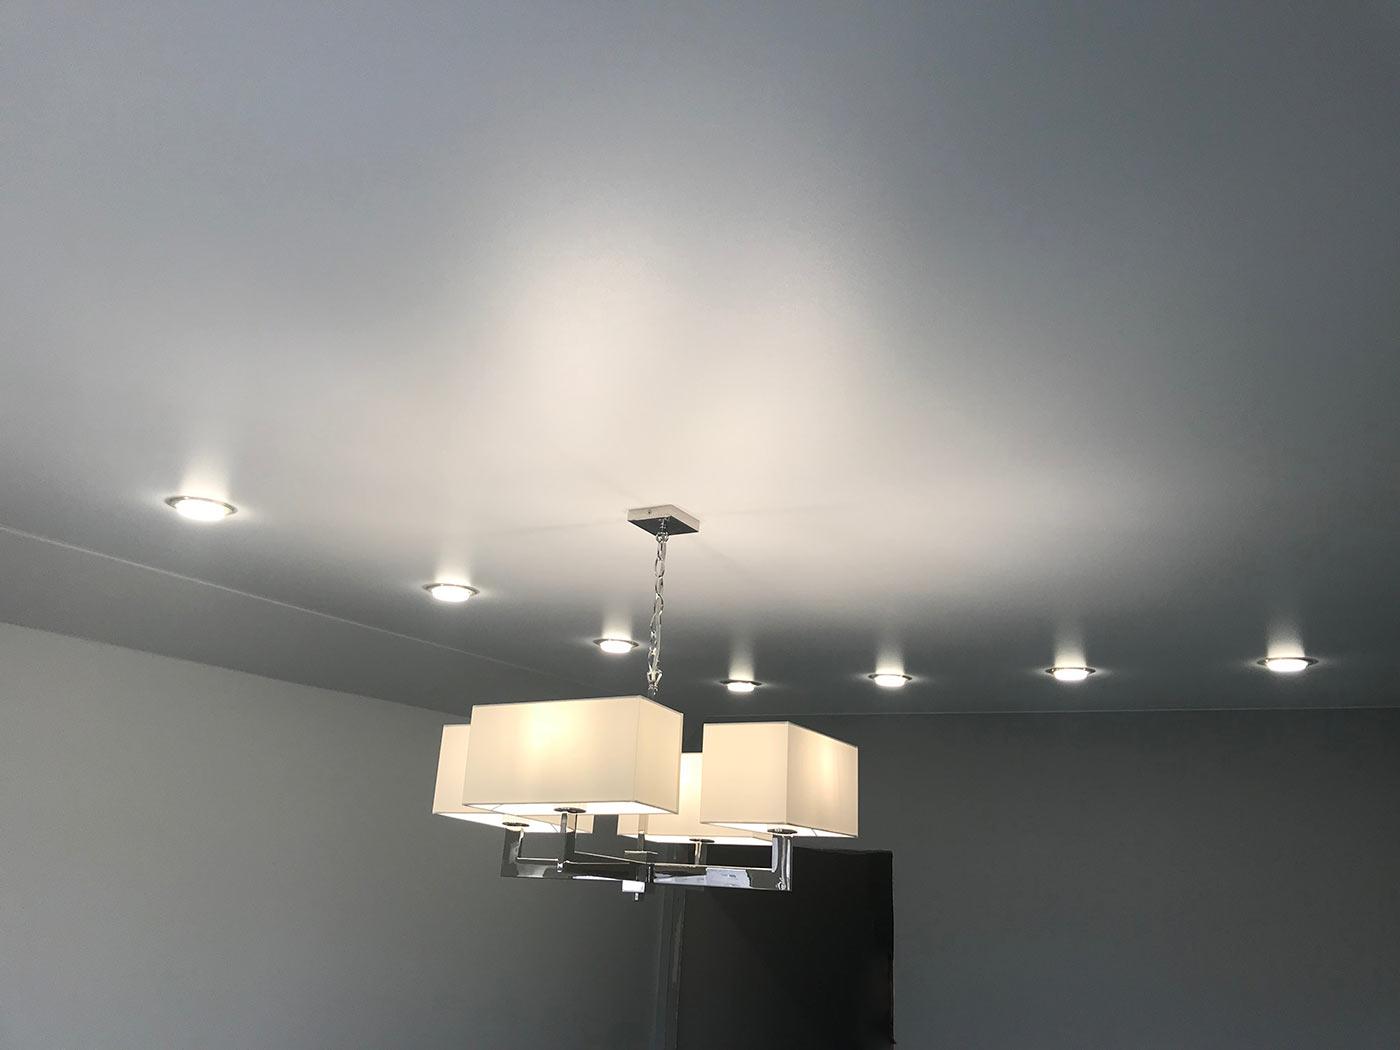 Комбинированной освещение для потолка, точечный свет и люстра